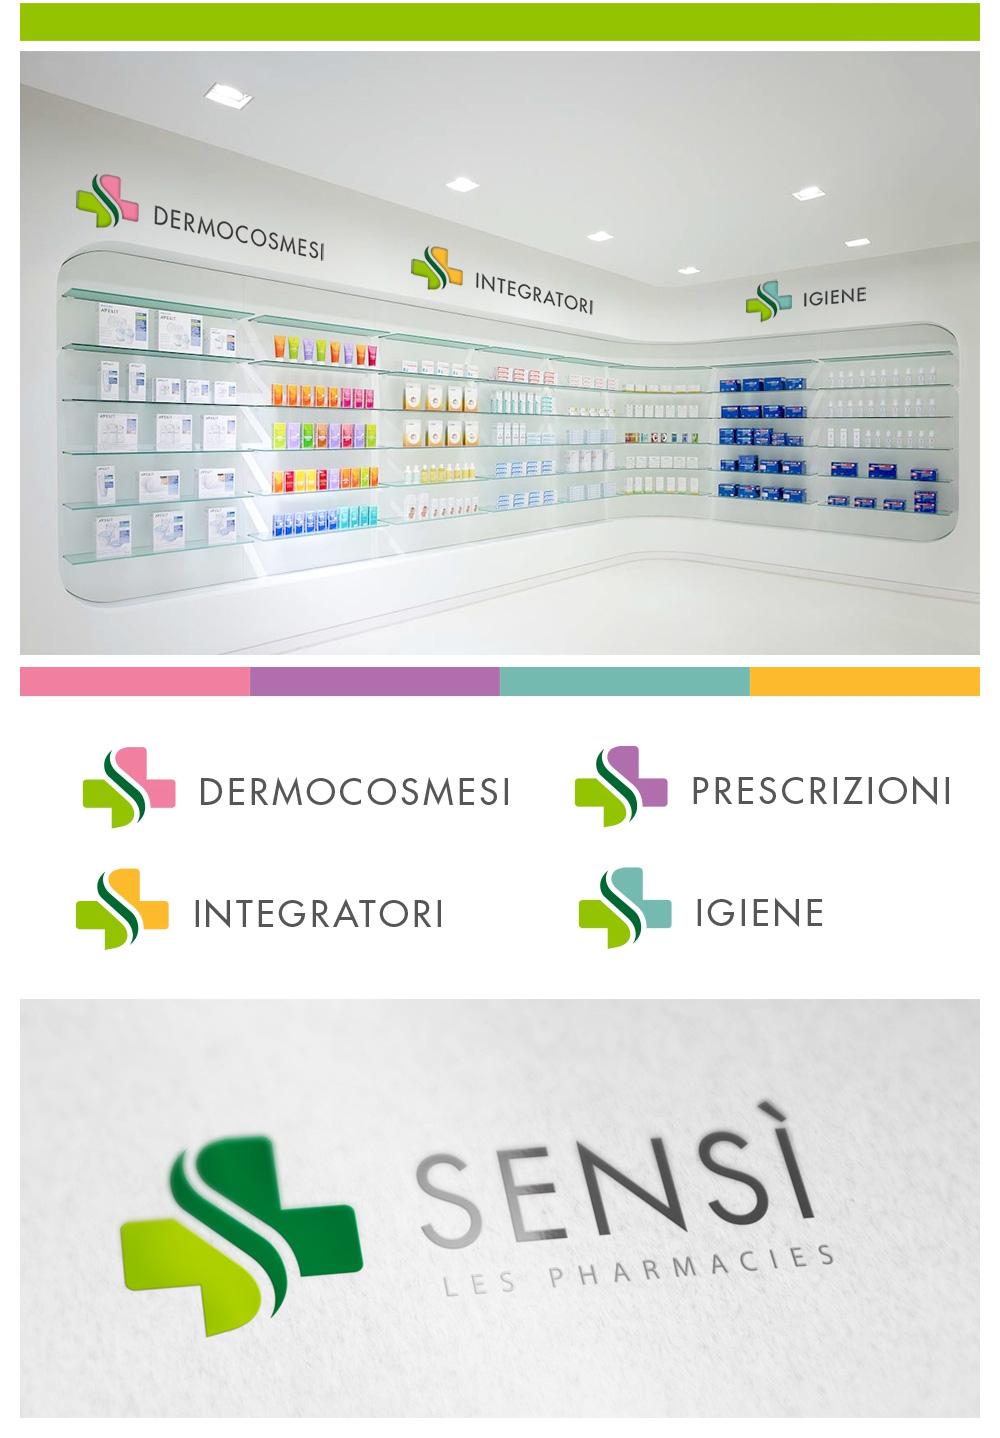 sensi_farmacia_logo_02.jpg